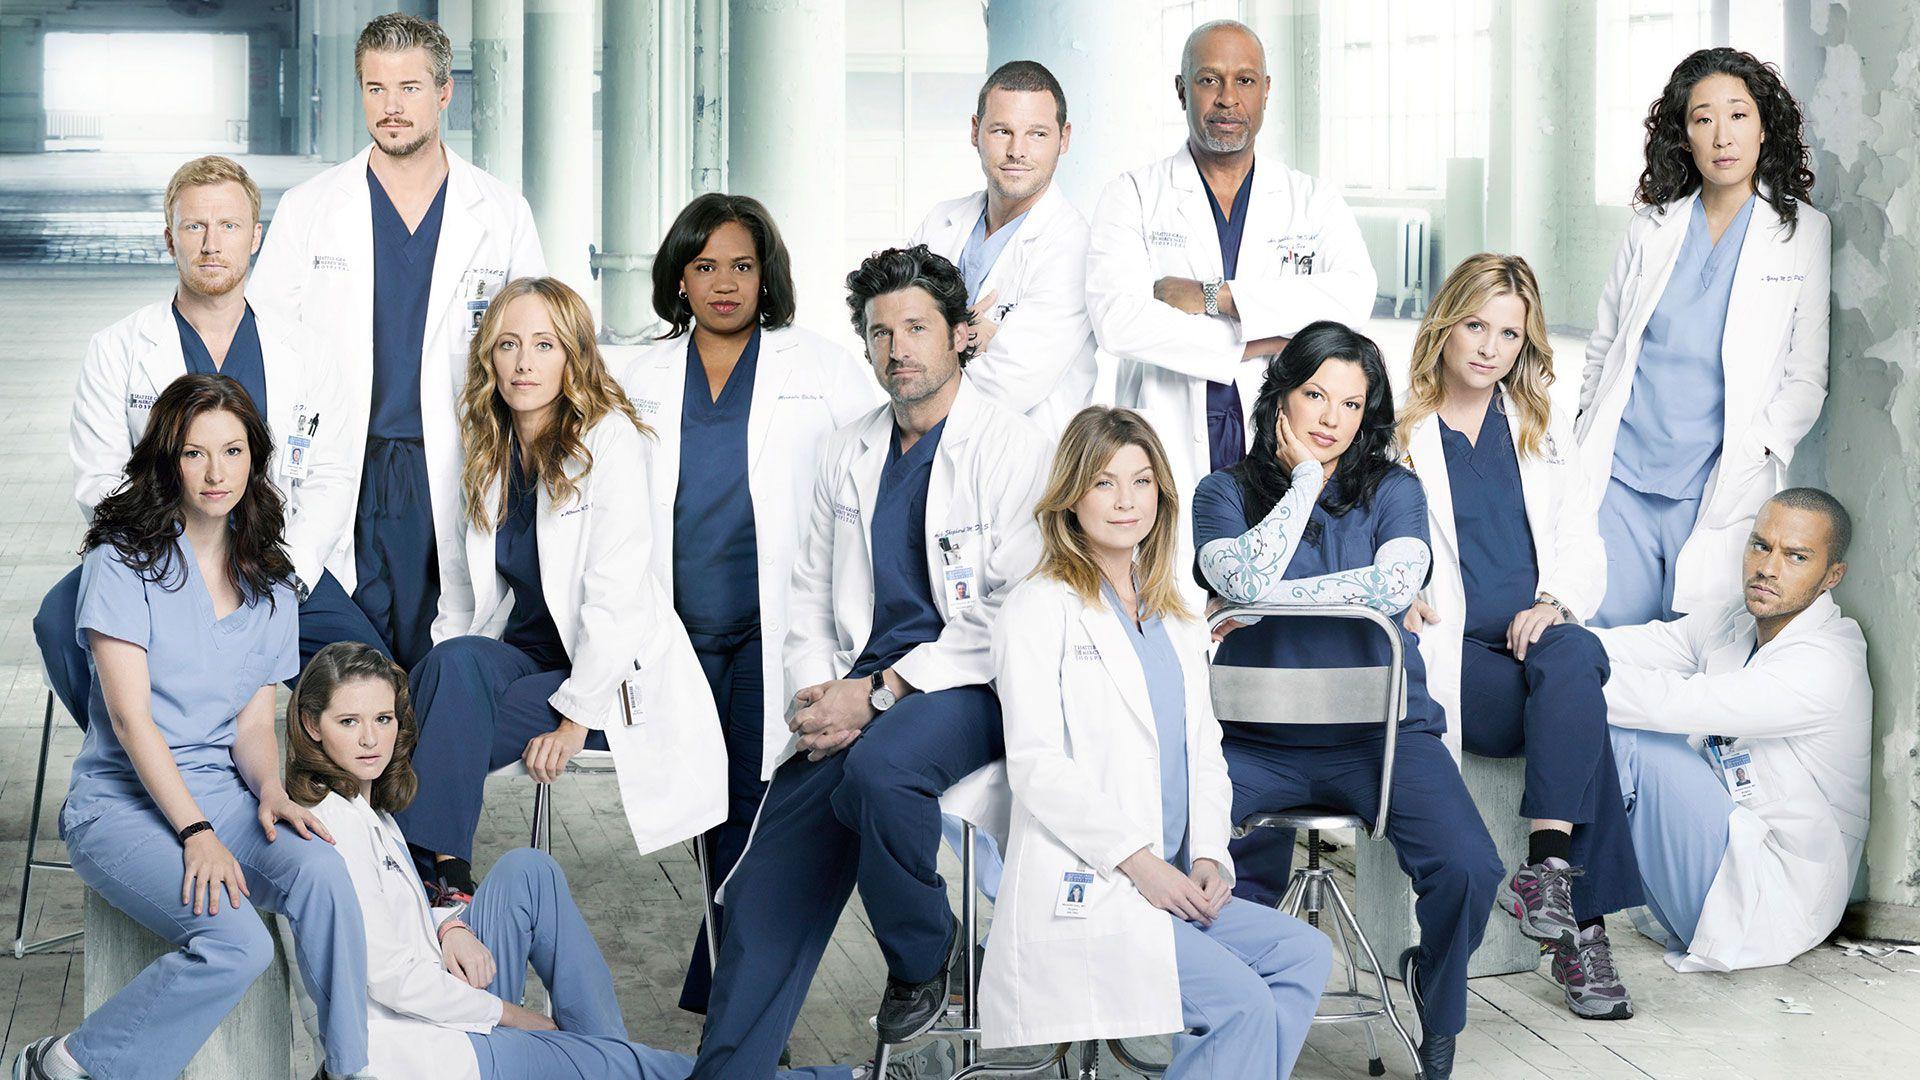 Grey's Anatomy 17, anticipazioni prime 3 puntata: Meredith ricoverata d'urgenza